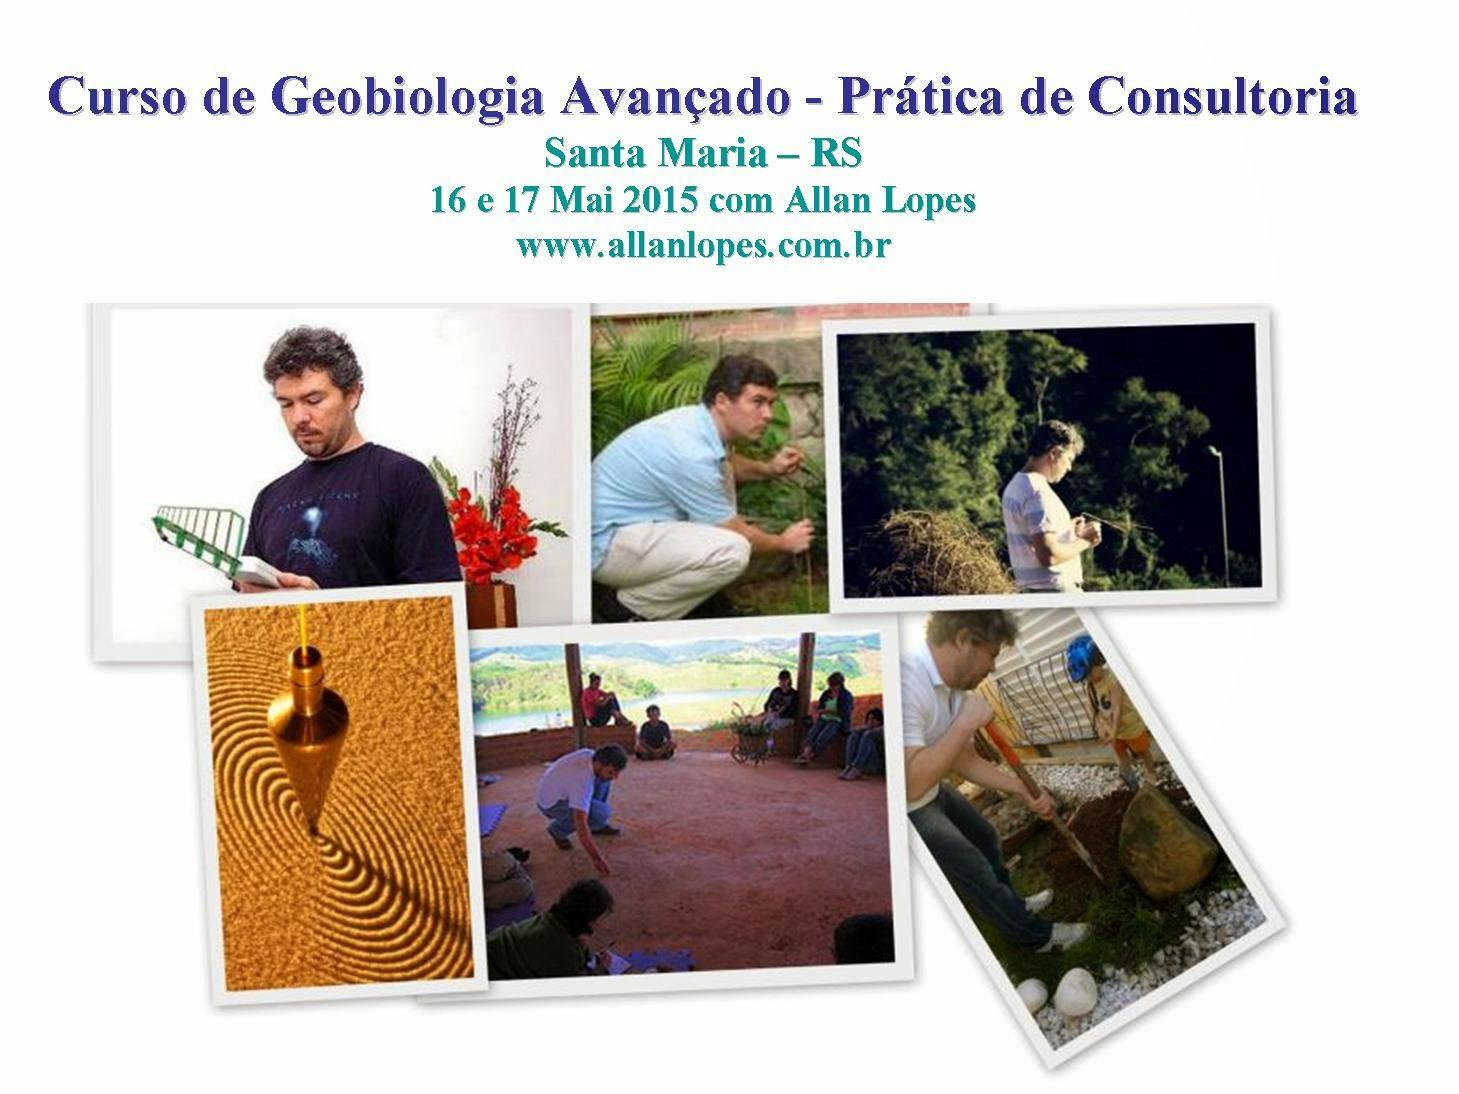 Curso de Geobiologia Avançado - Prática de Consultoria